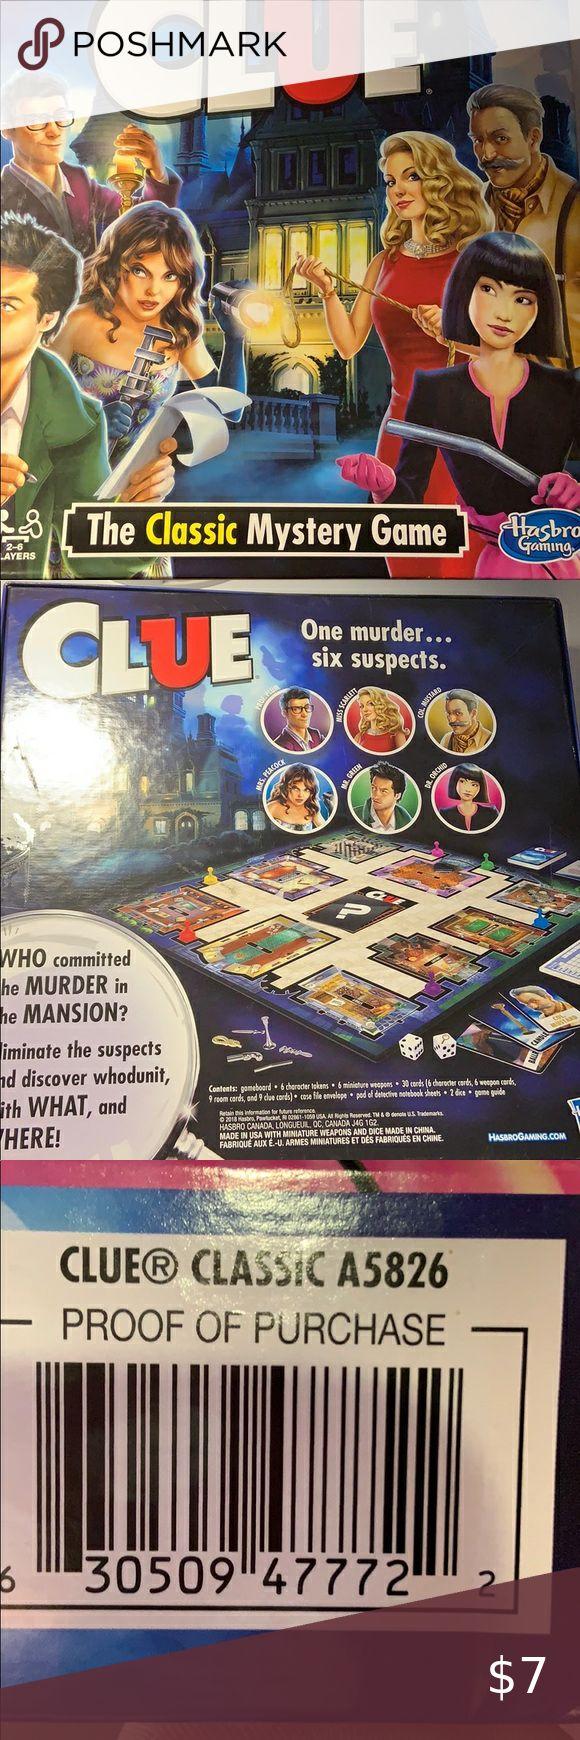 Classic Clue Board Game in 2020 Clue board game, Board